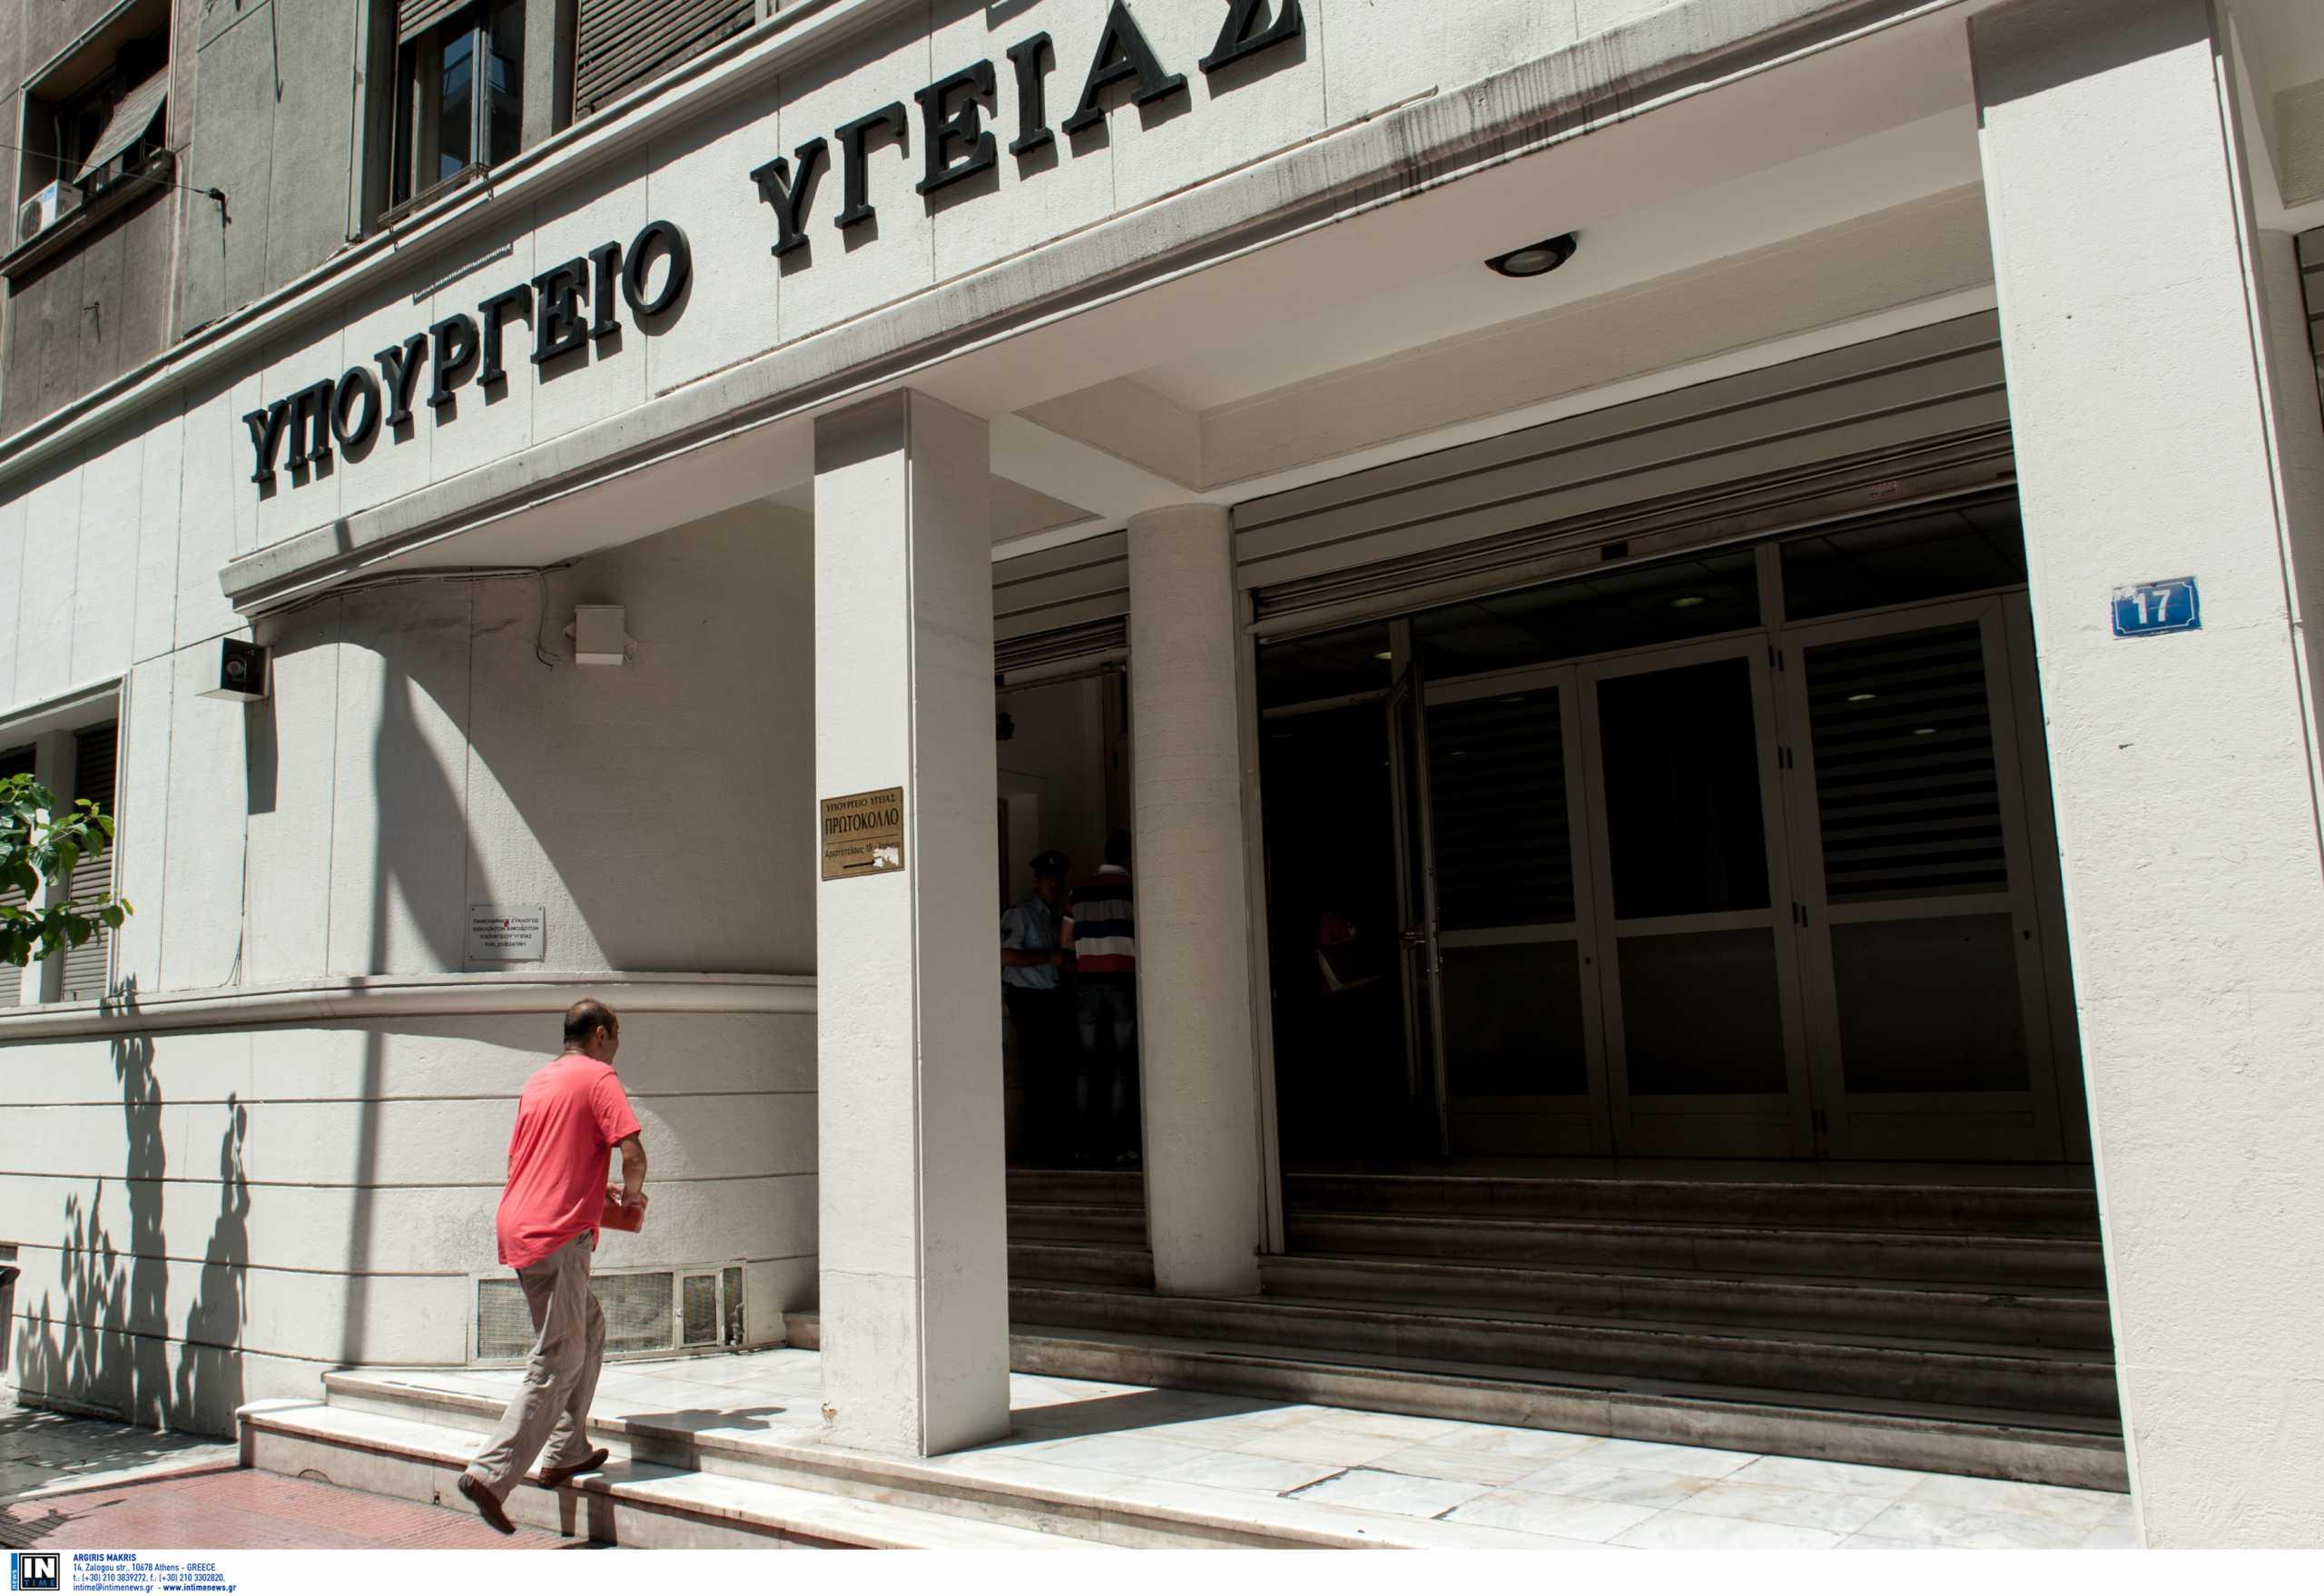 Υπουργείο Υγείας σε Τσίπρα: Τα μονοκλωνικά αντισώματα δεν συστήνονται από τον ΠΟΥ